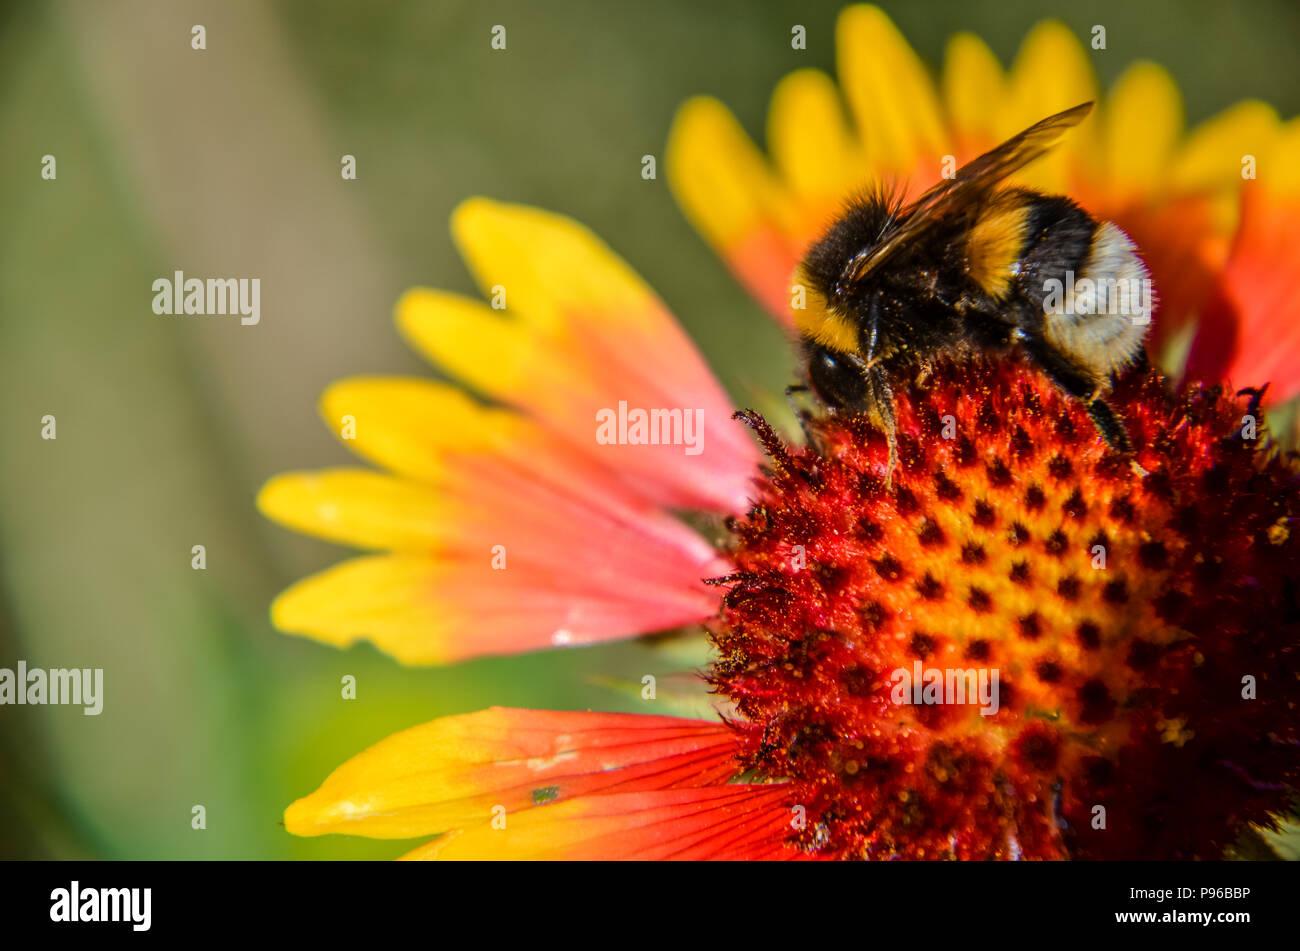 Biene auf Gelb und Orange Blume Leiter rudbeckia black-eyed Susan Stockbild